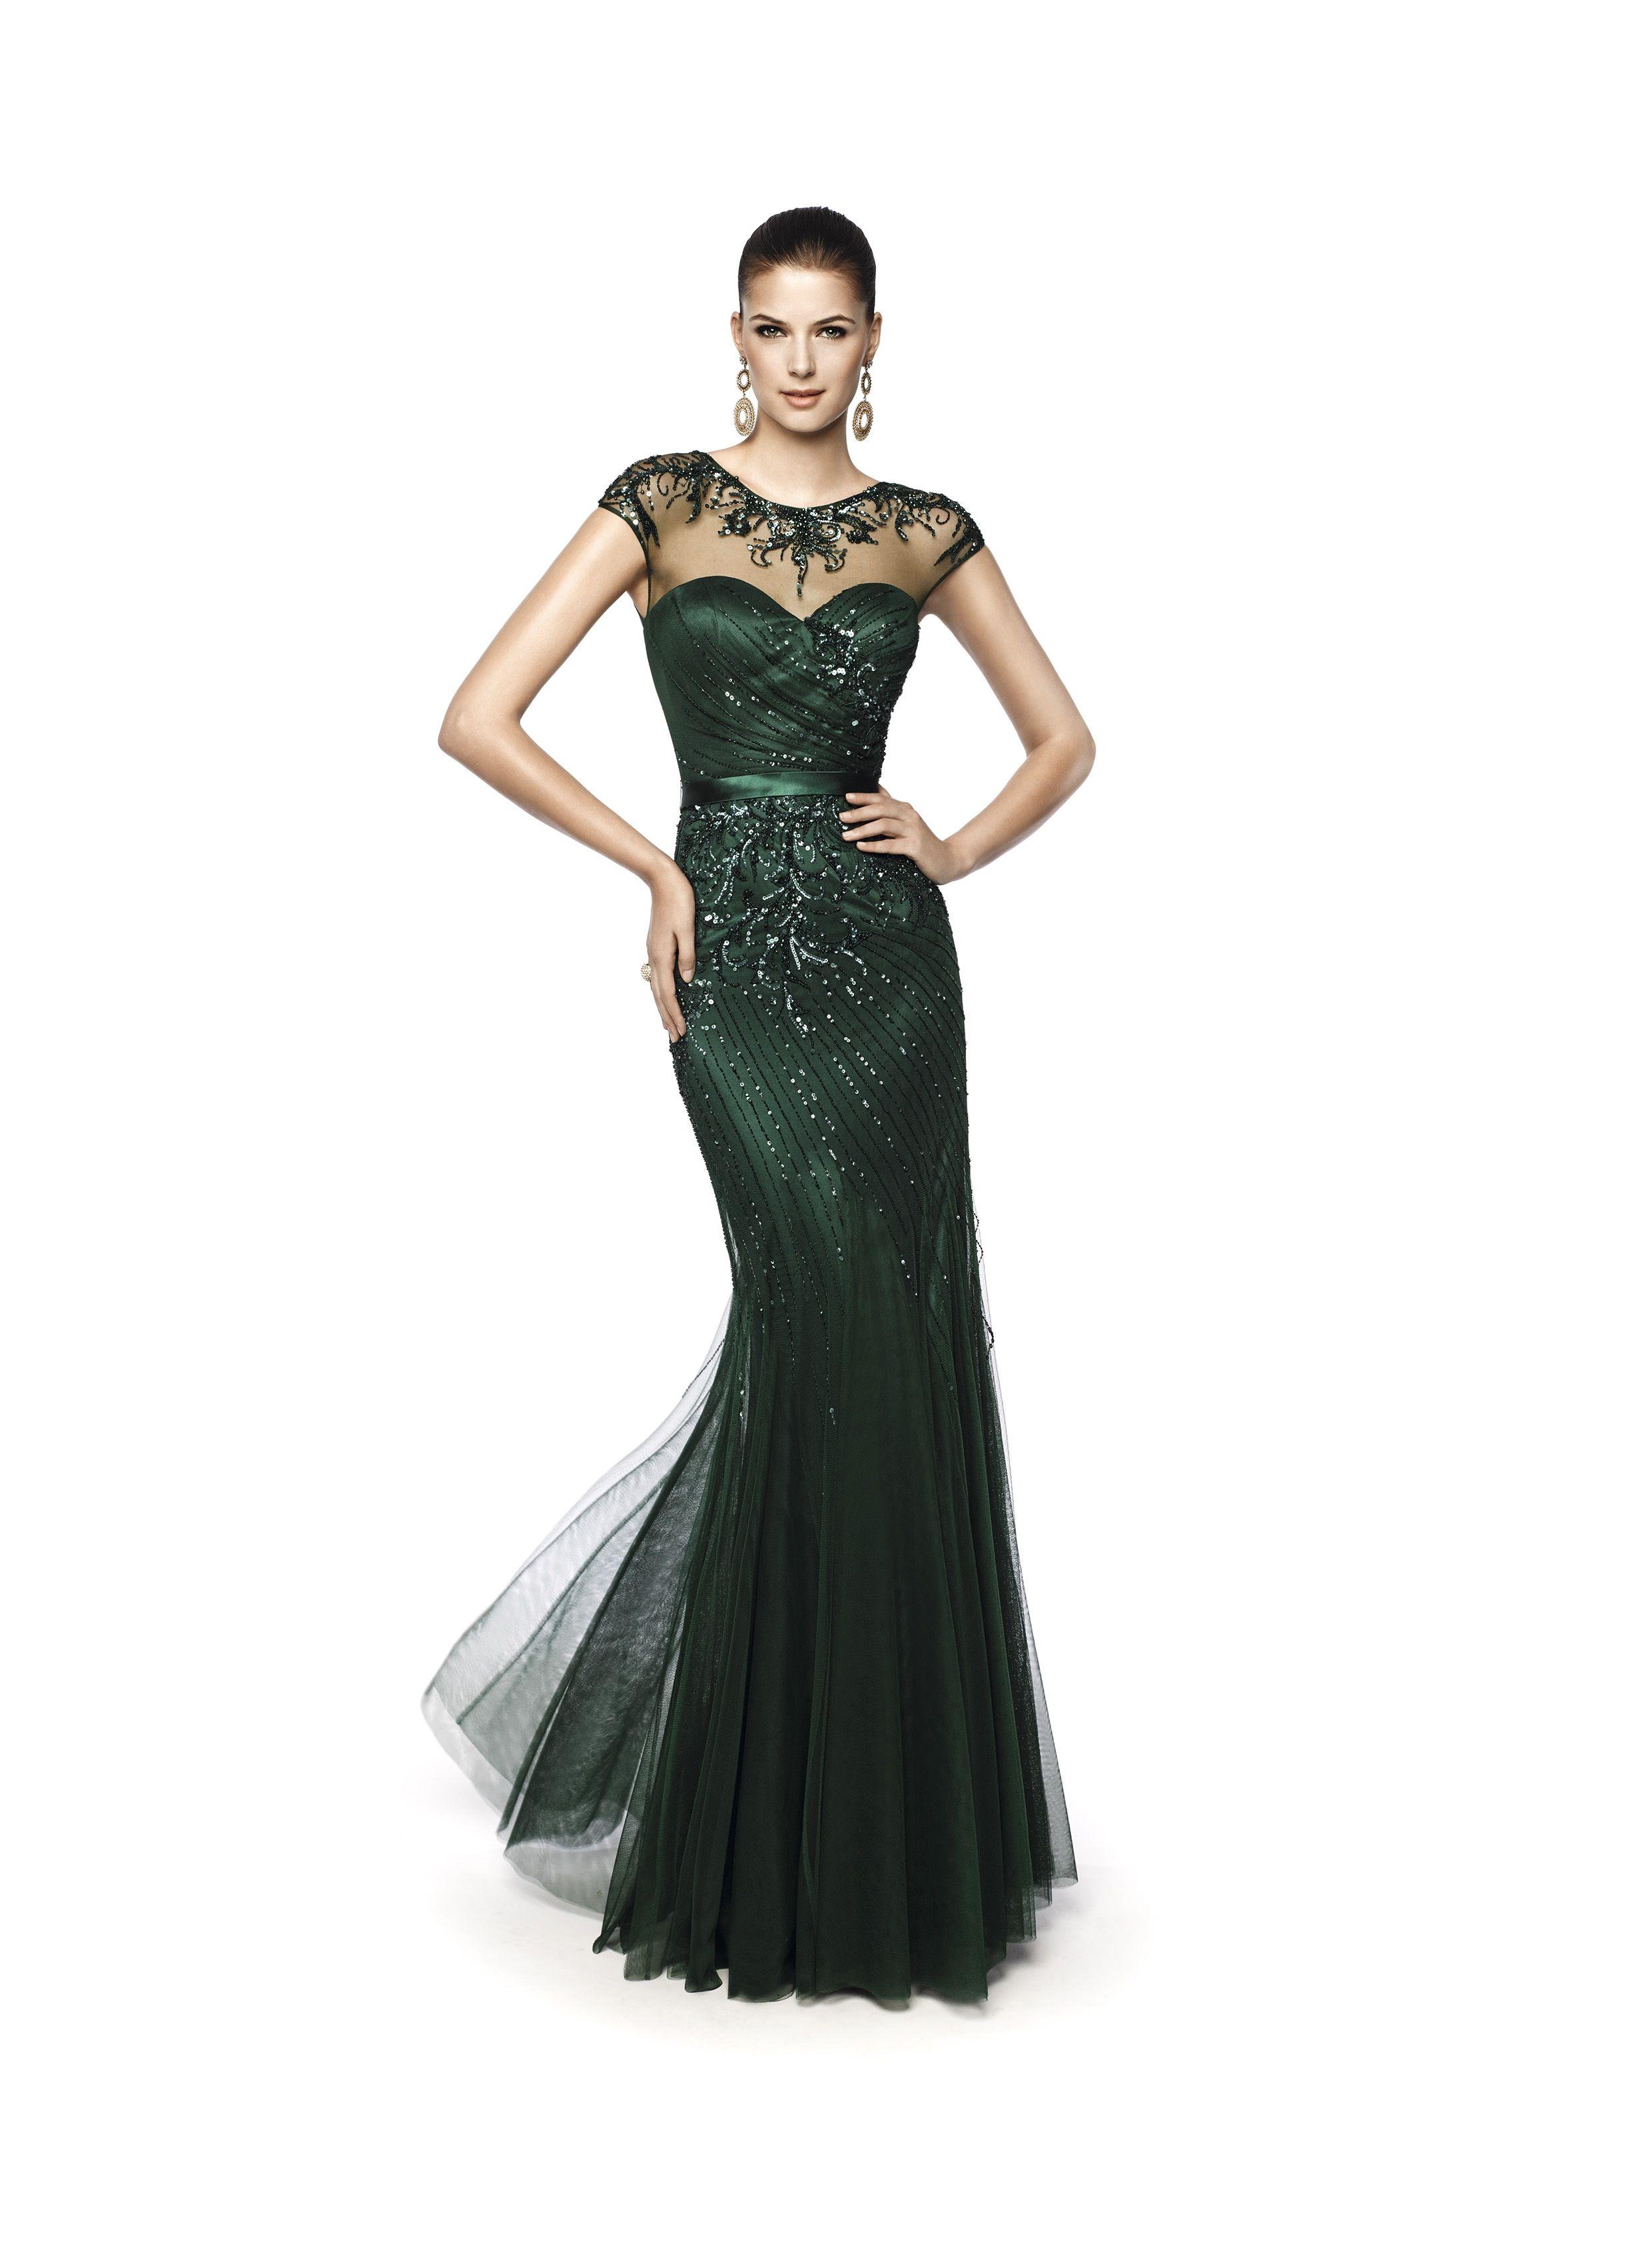 60bc9113 Nagual (Trajes de Fiesta). Diseñador: Pronovias. ... | DRESSES en ...